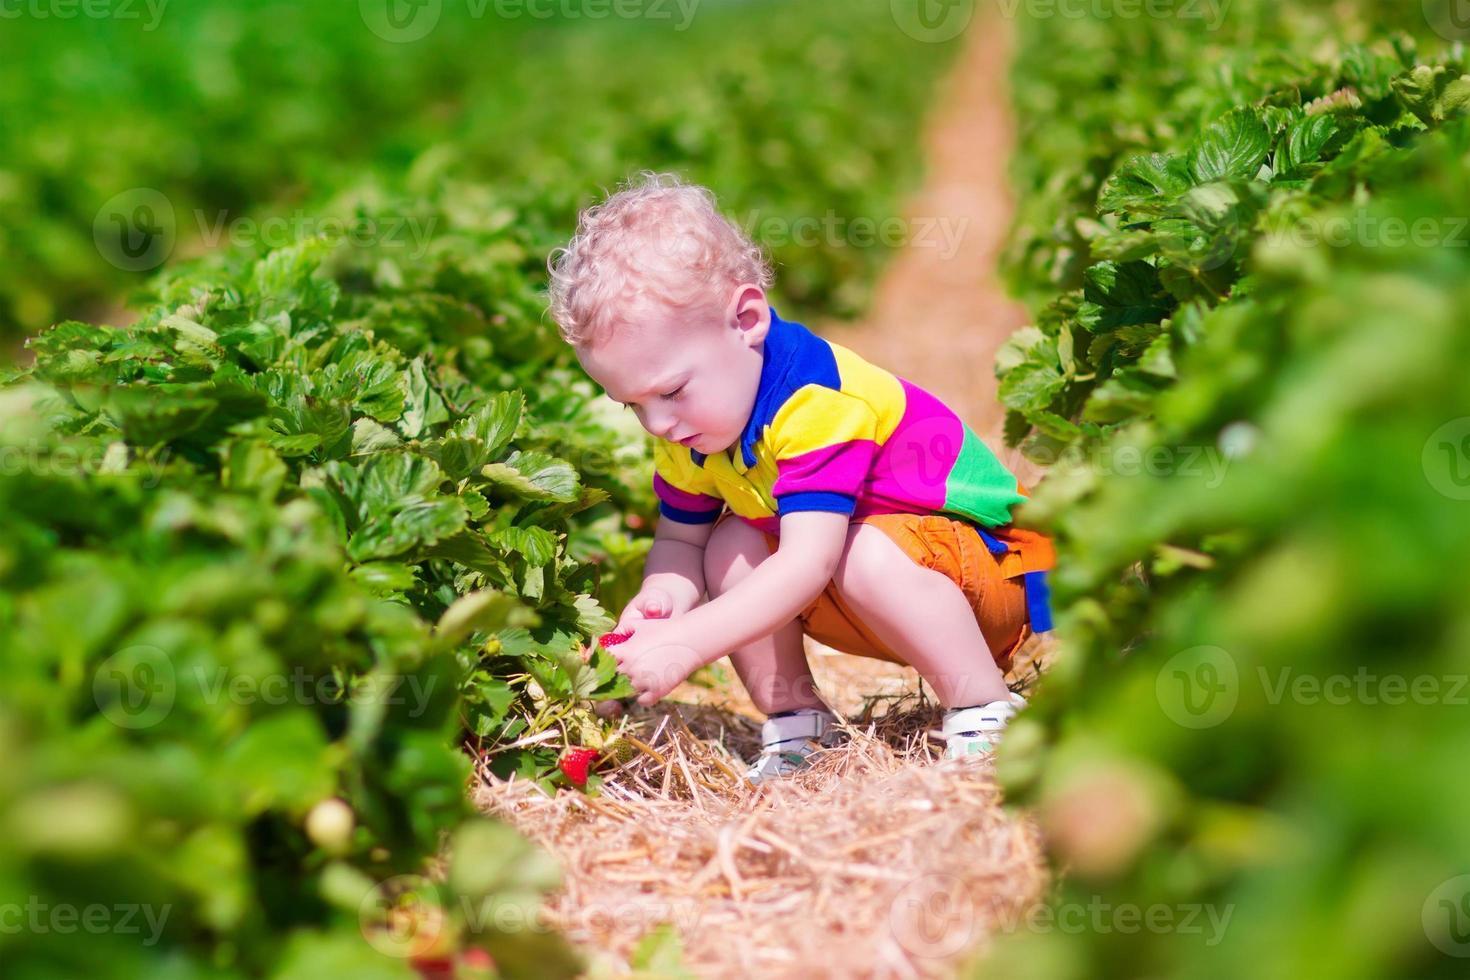 doce criança colhendo morango fresco em uma fazenda foto